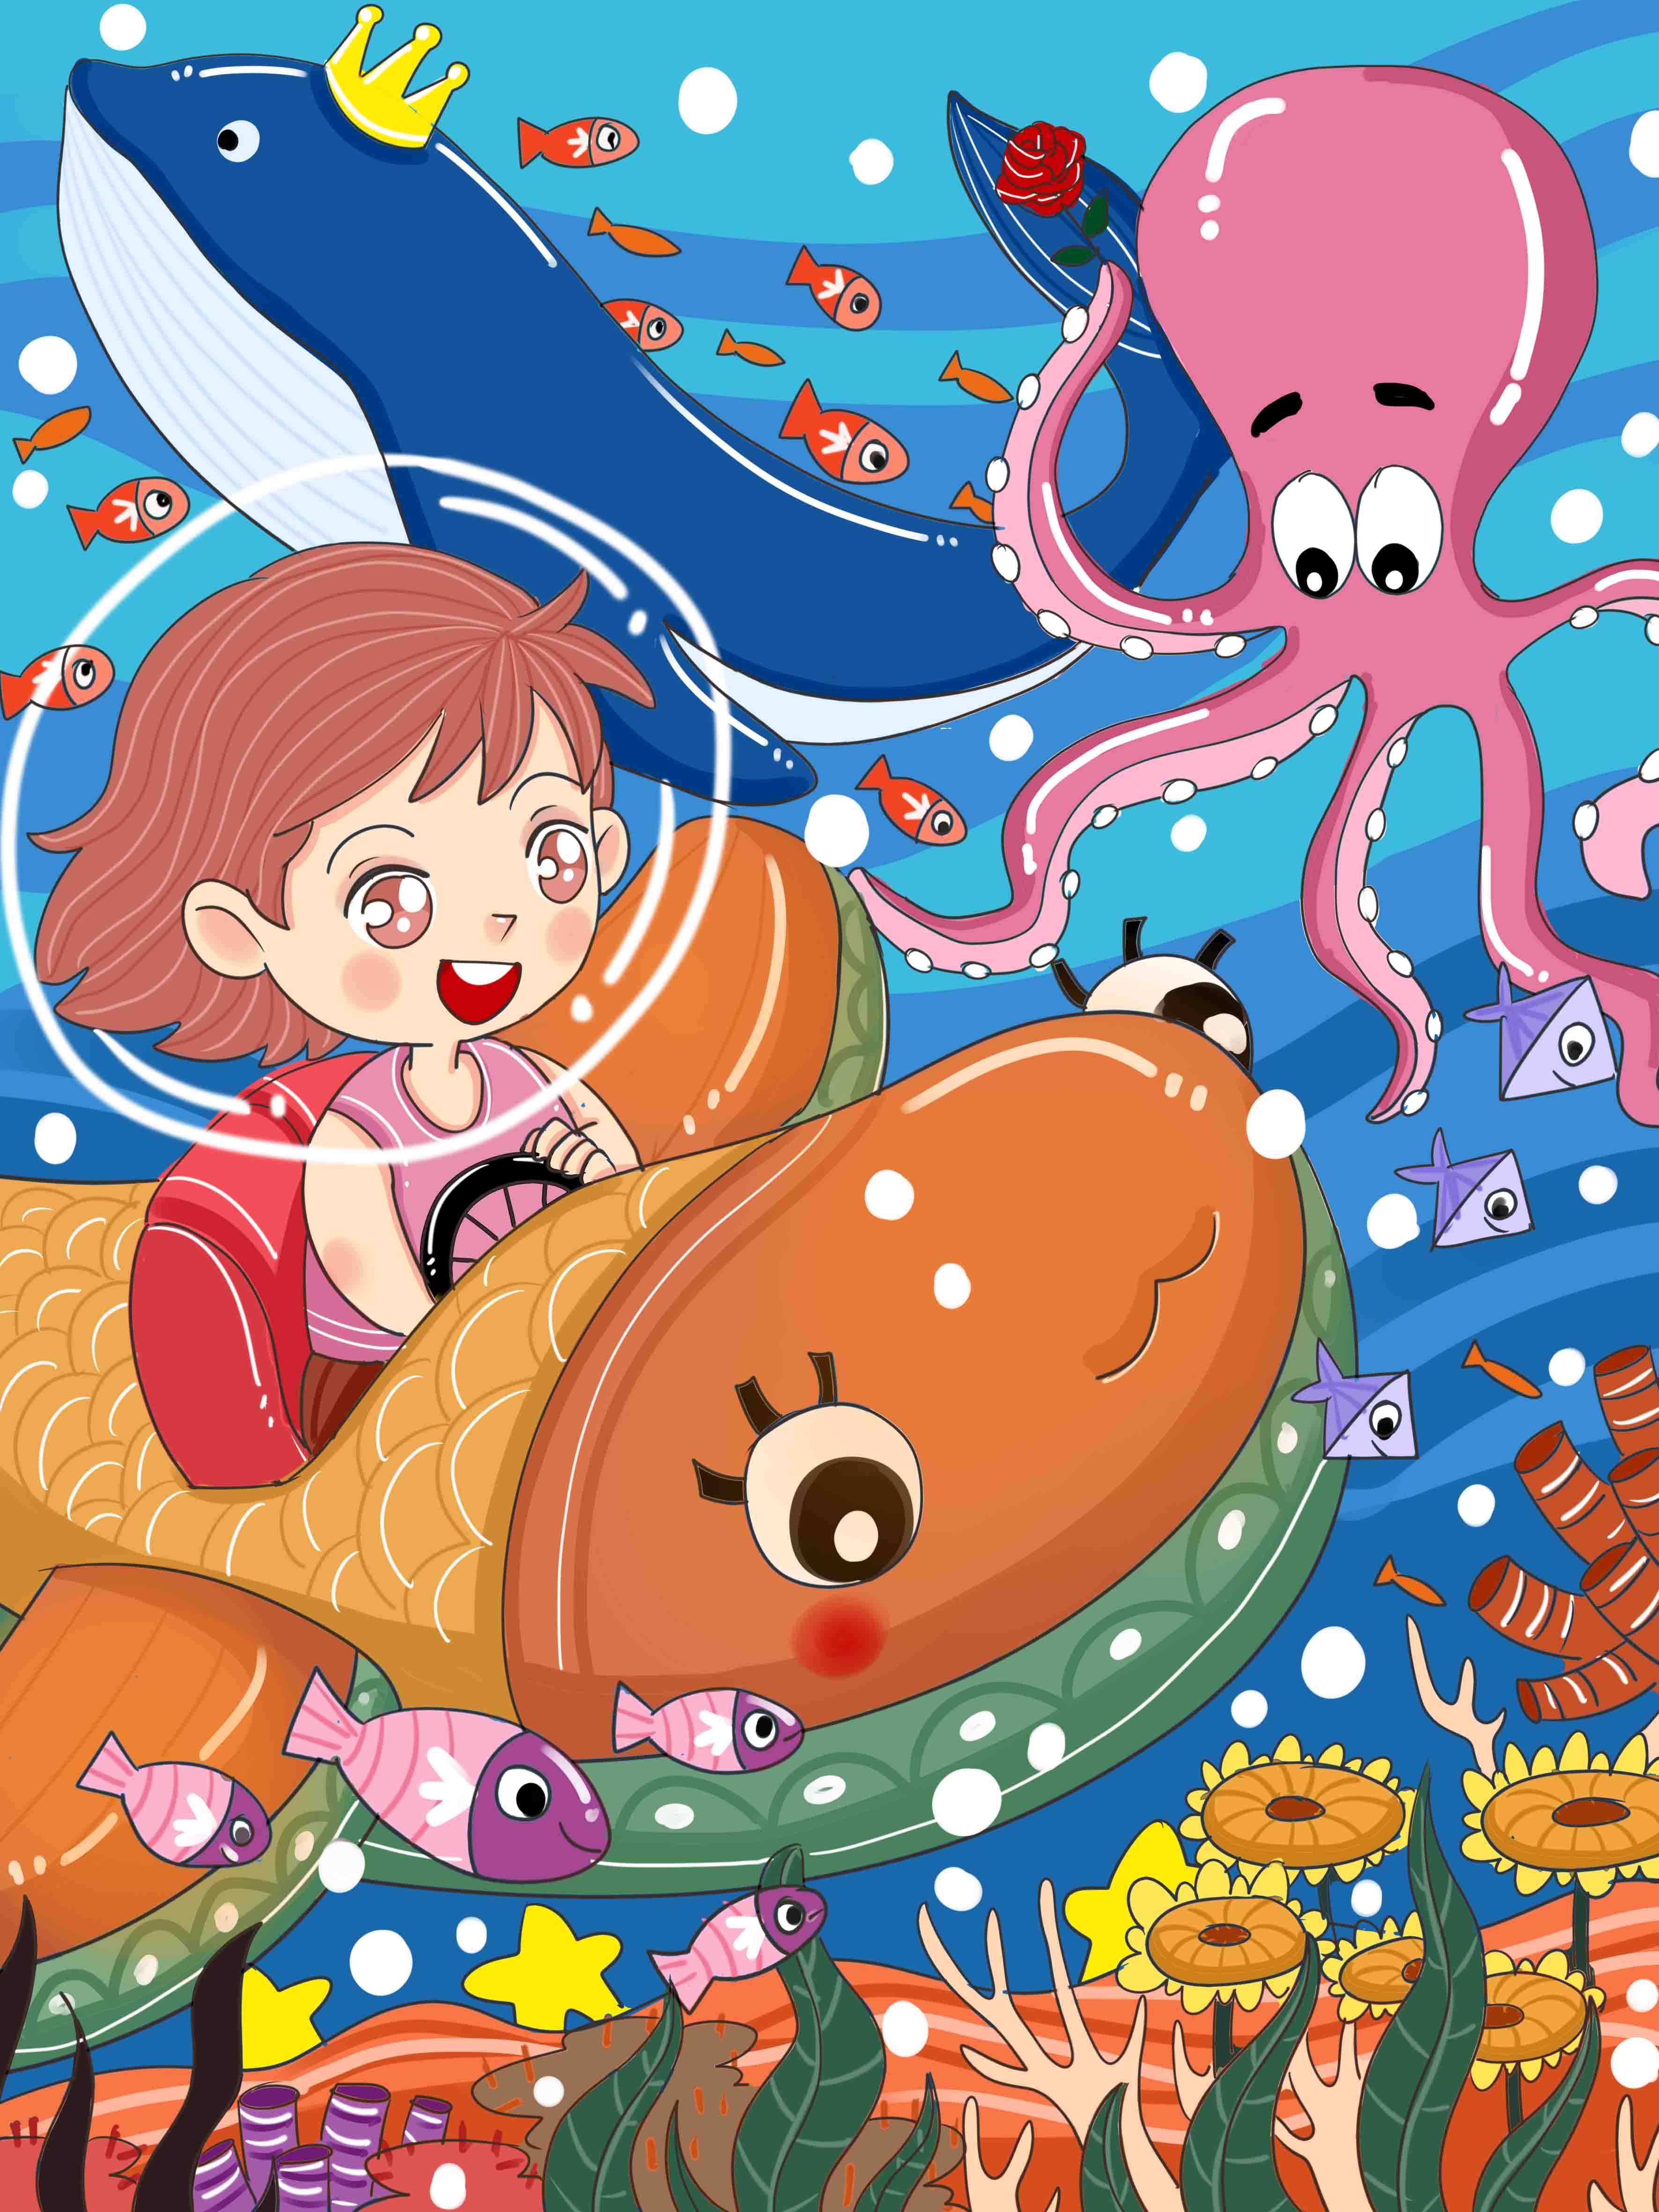 I0201006QTW  原创卡通梦幻世界海洋日可爱插画.jpg